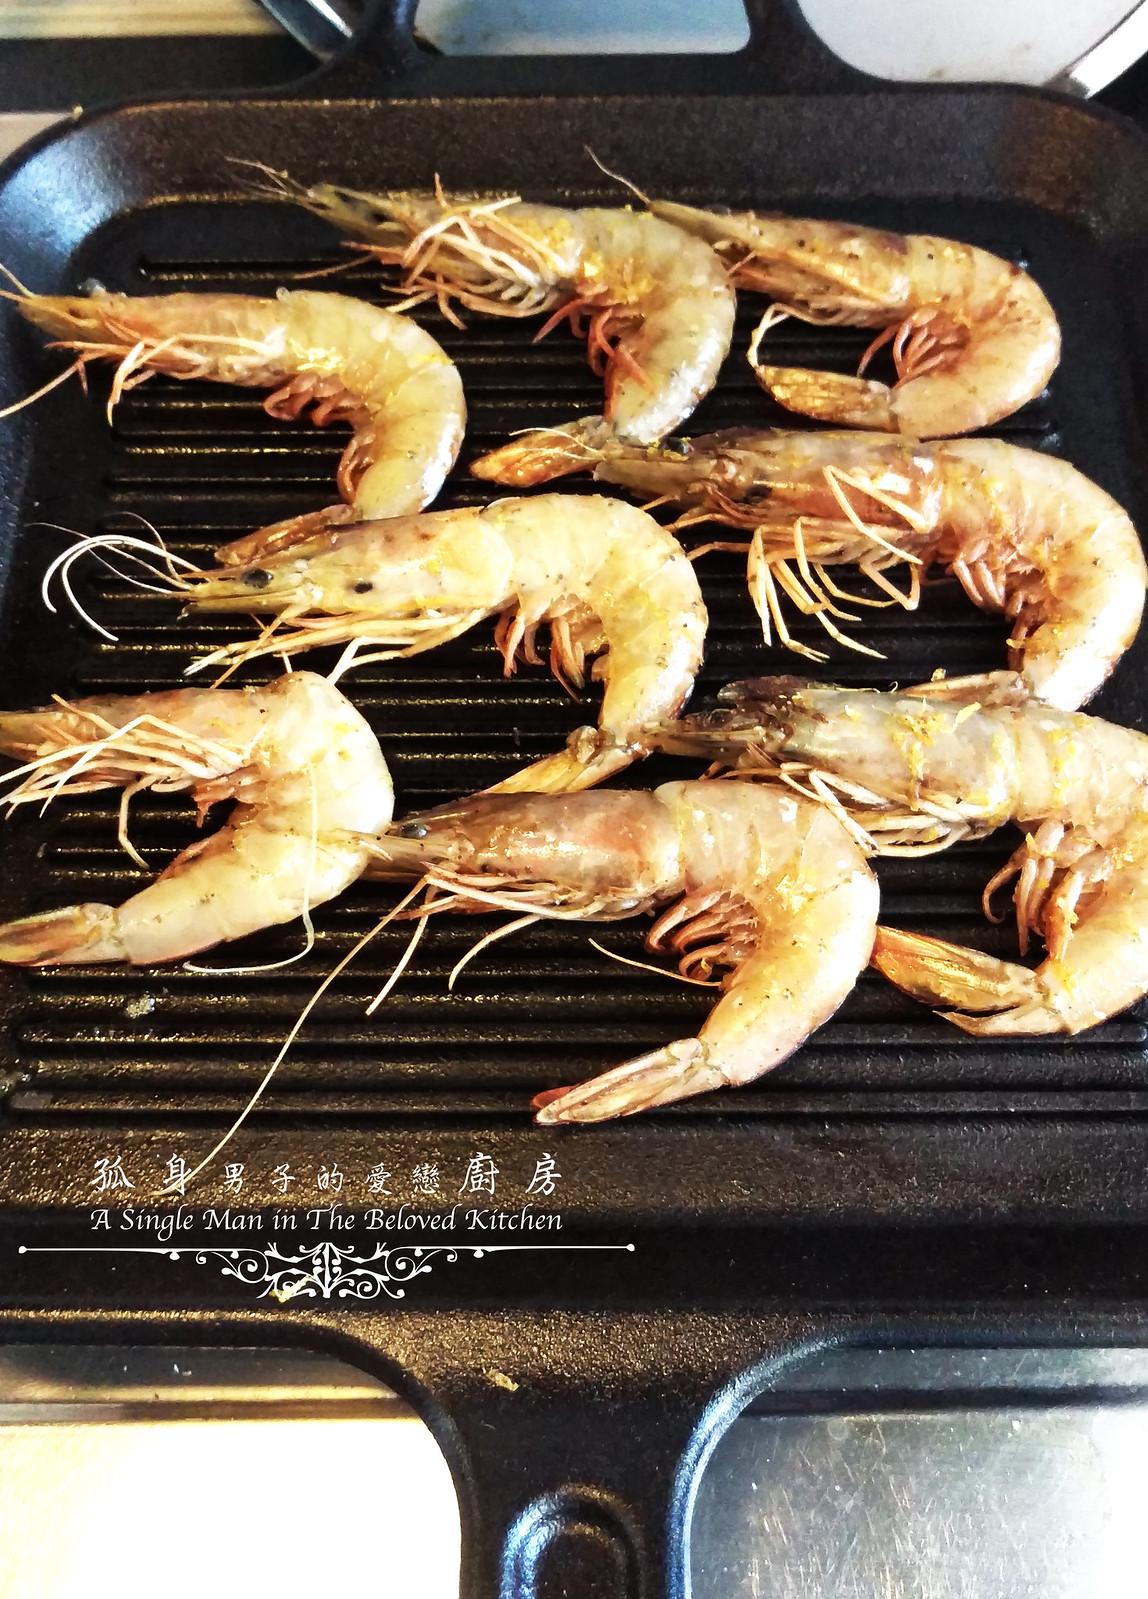 孤身廚房-墨西哥烤紅爐蝦酪梨芒果莎莎醬塔可(下)-烤紅爐蝦酪梨芒果莎莎醬4